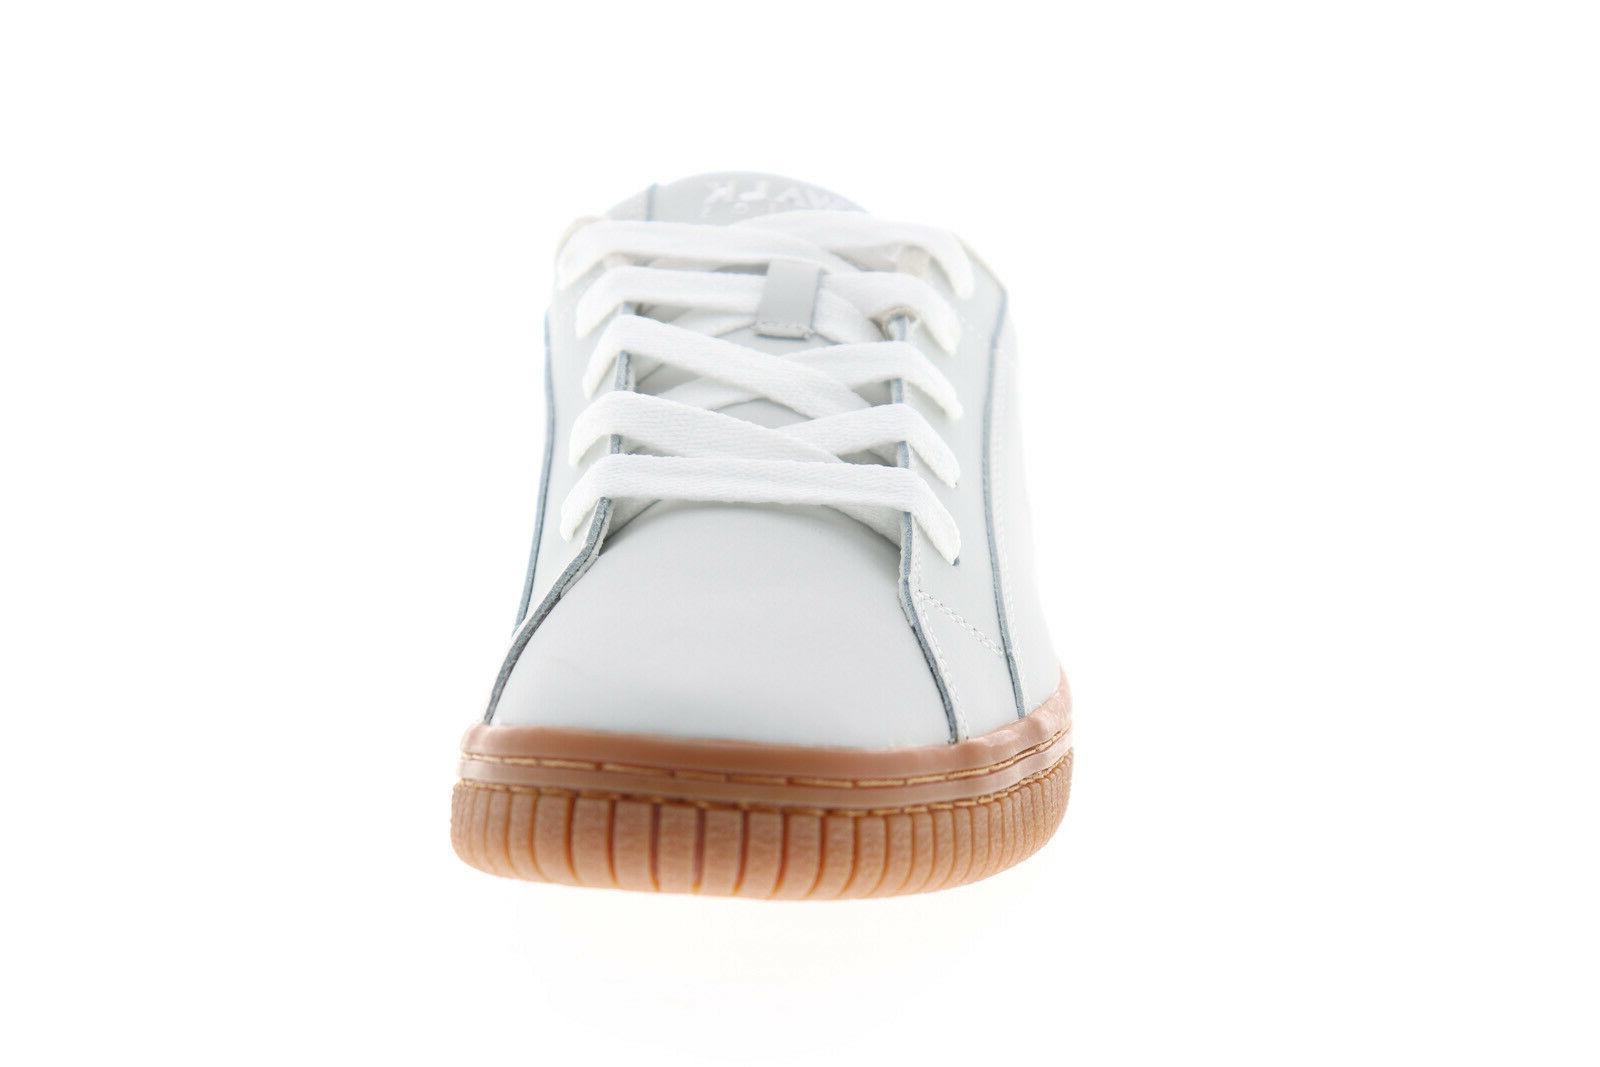 Airwalk Men's Shoes New